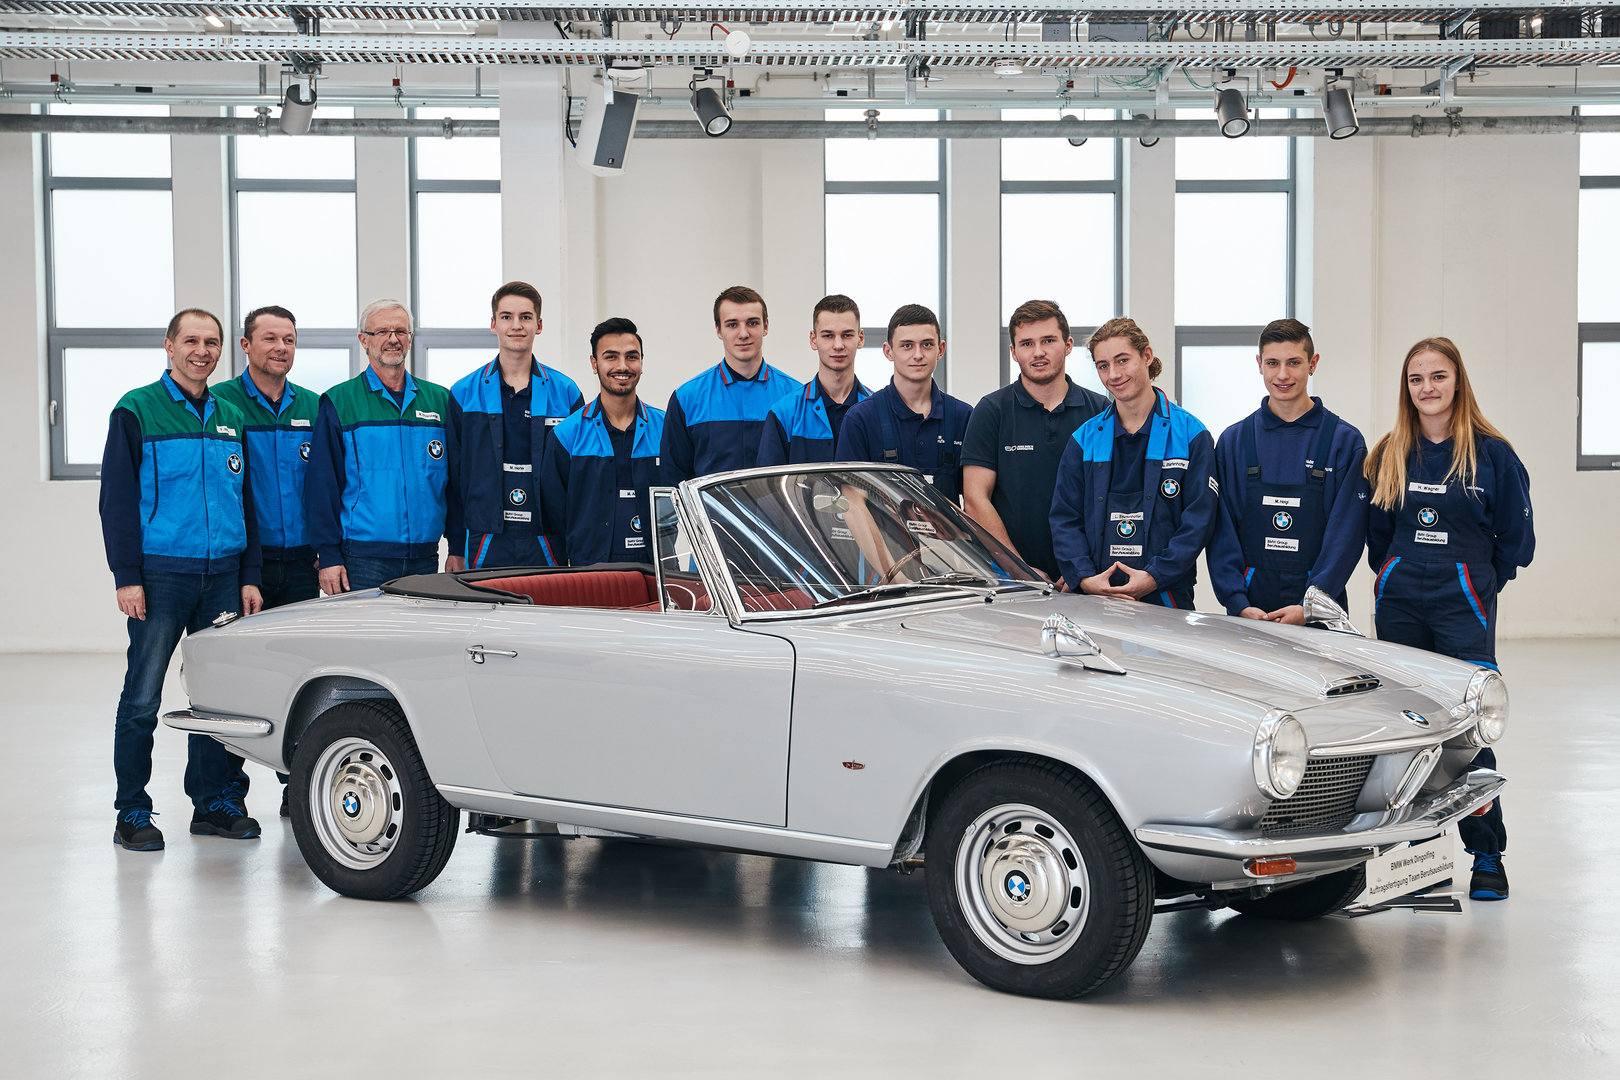 BMW 1600 GT Descapotable 2